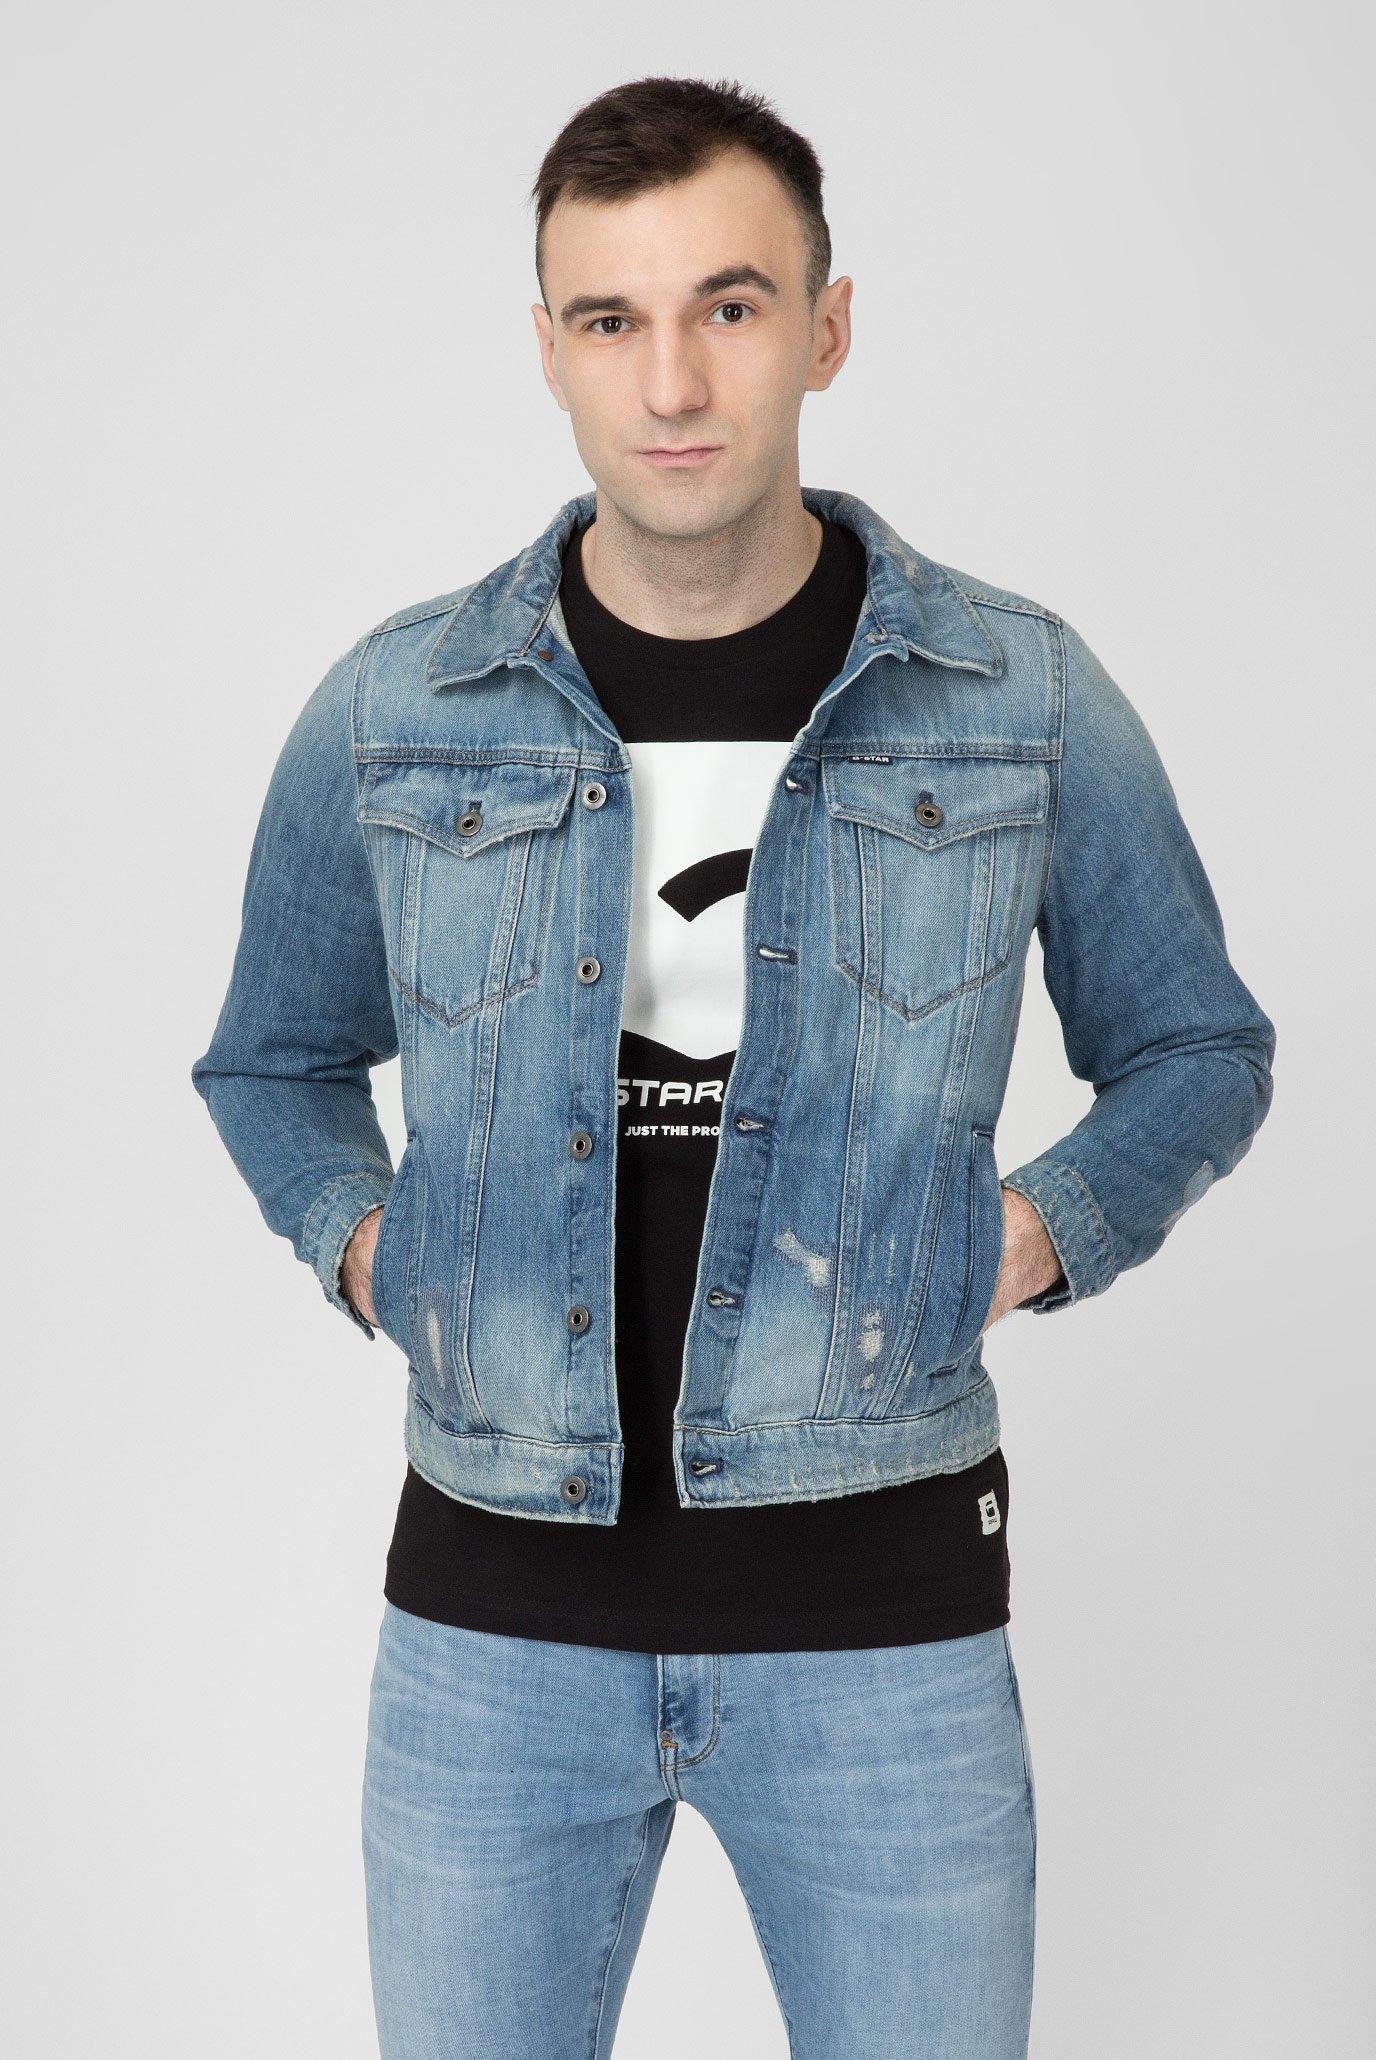 e0c296e4 Купить Мужская голубая джинсовая куртка 3301 G-Star RAW G-Star RAW  D11916,9436 – Киев, ...